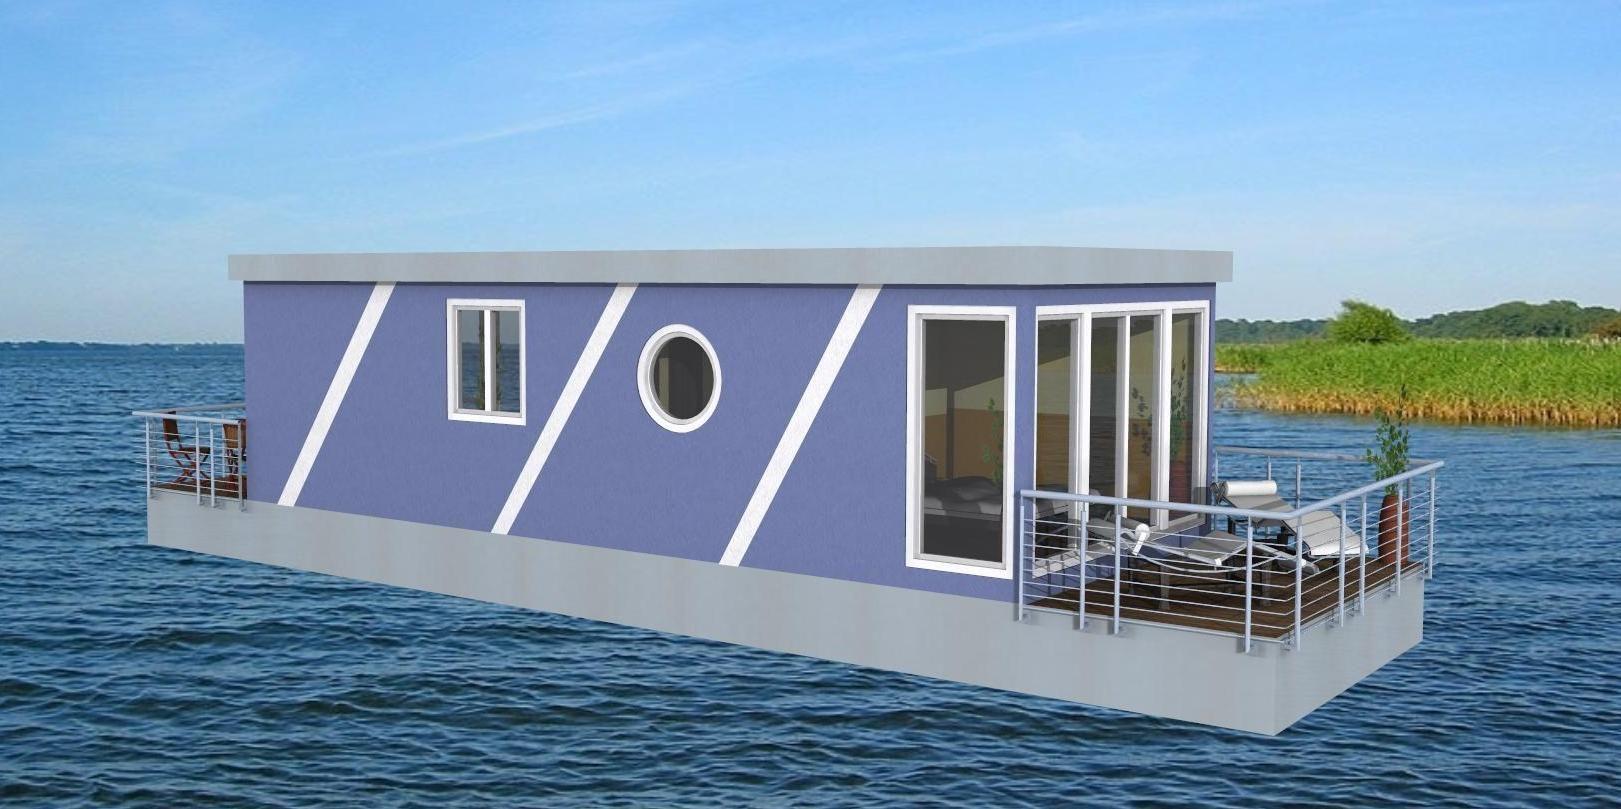 Hausboot5 hausboot pinterest hausboote mobilheim for Mobilheim bausatz